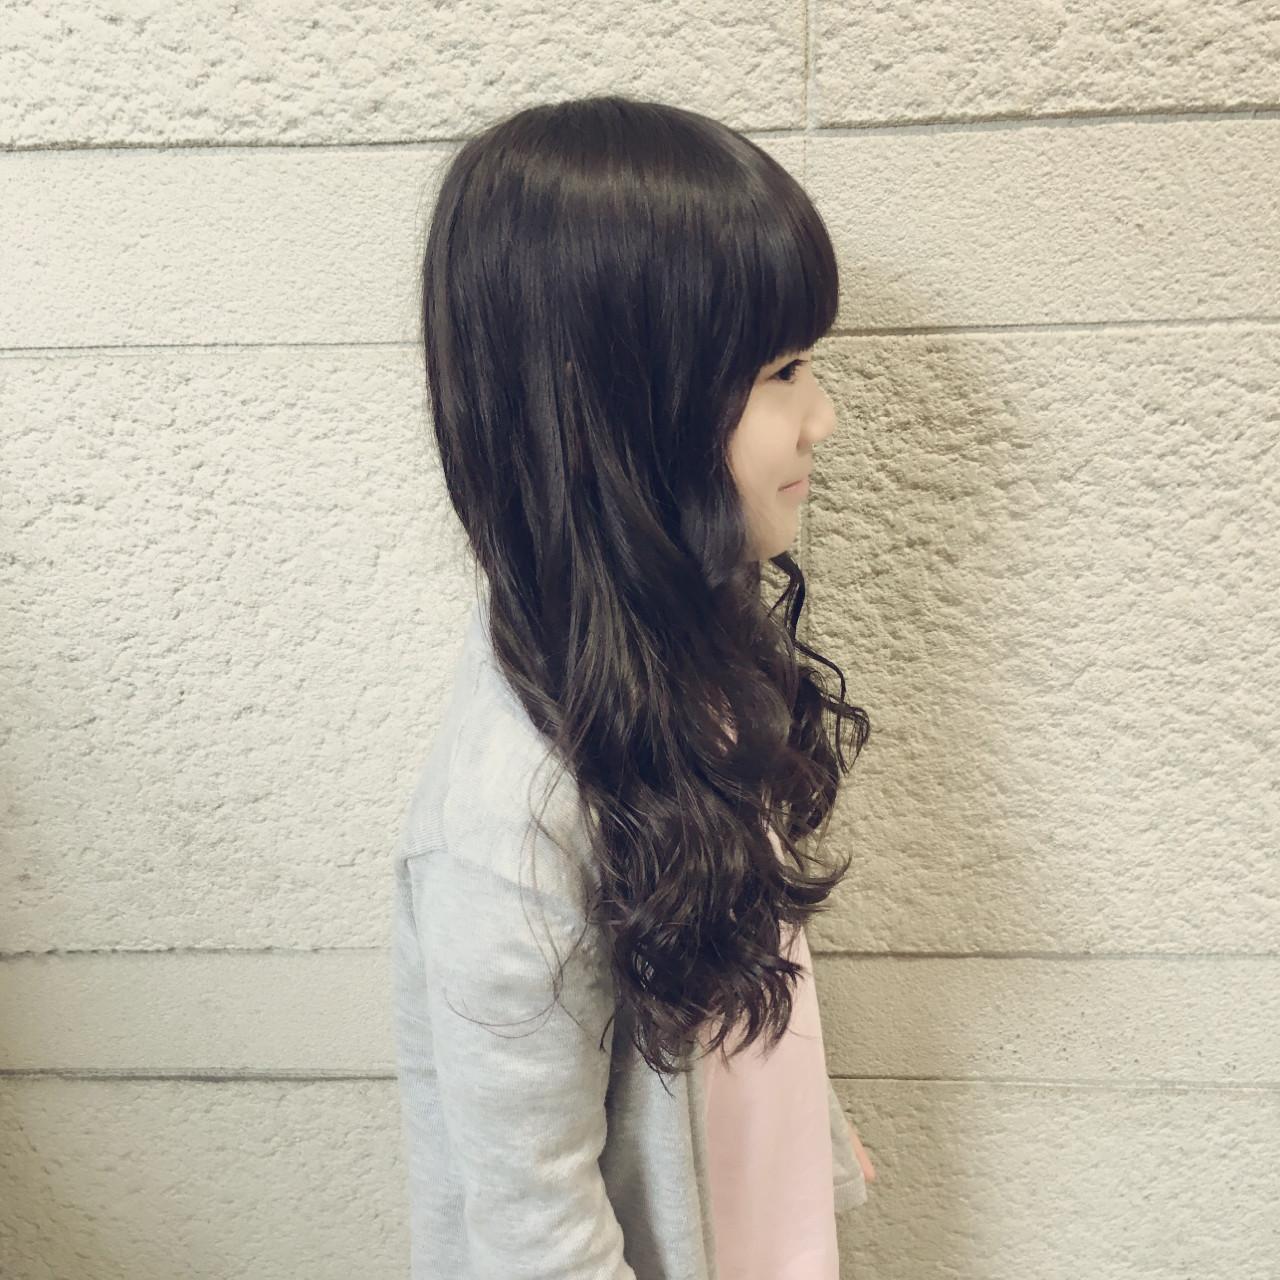 子供 ロング 巻き髪 黒髪 ヘアスタイルや髪型の写真・画像